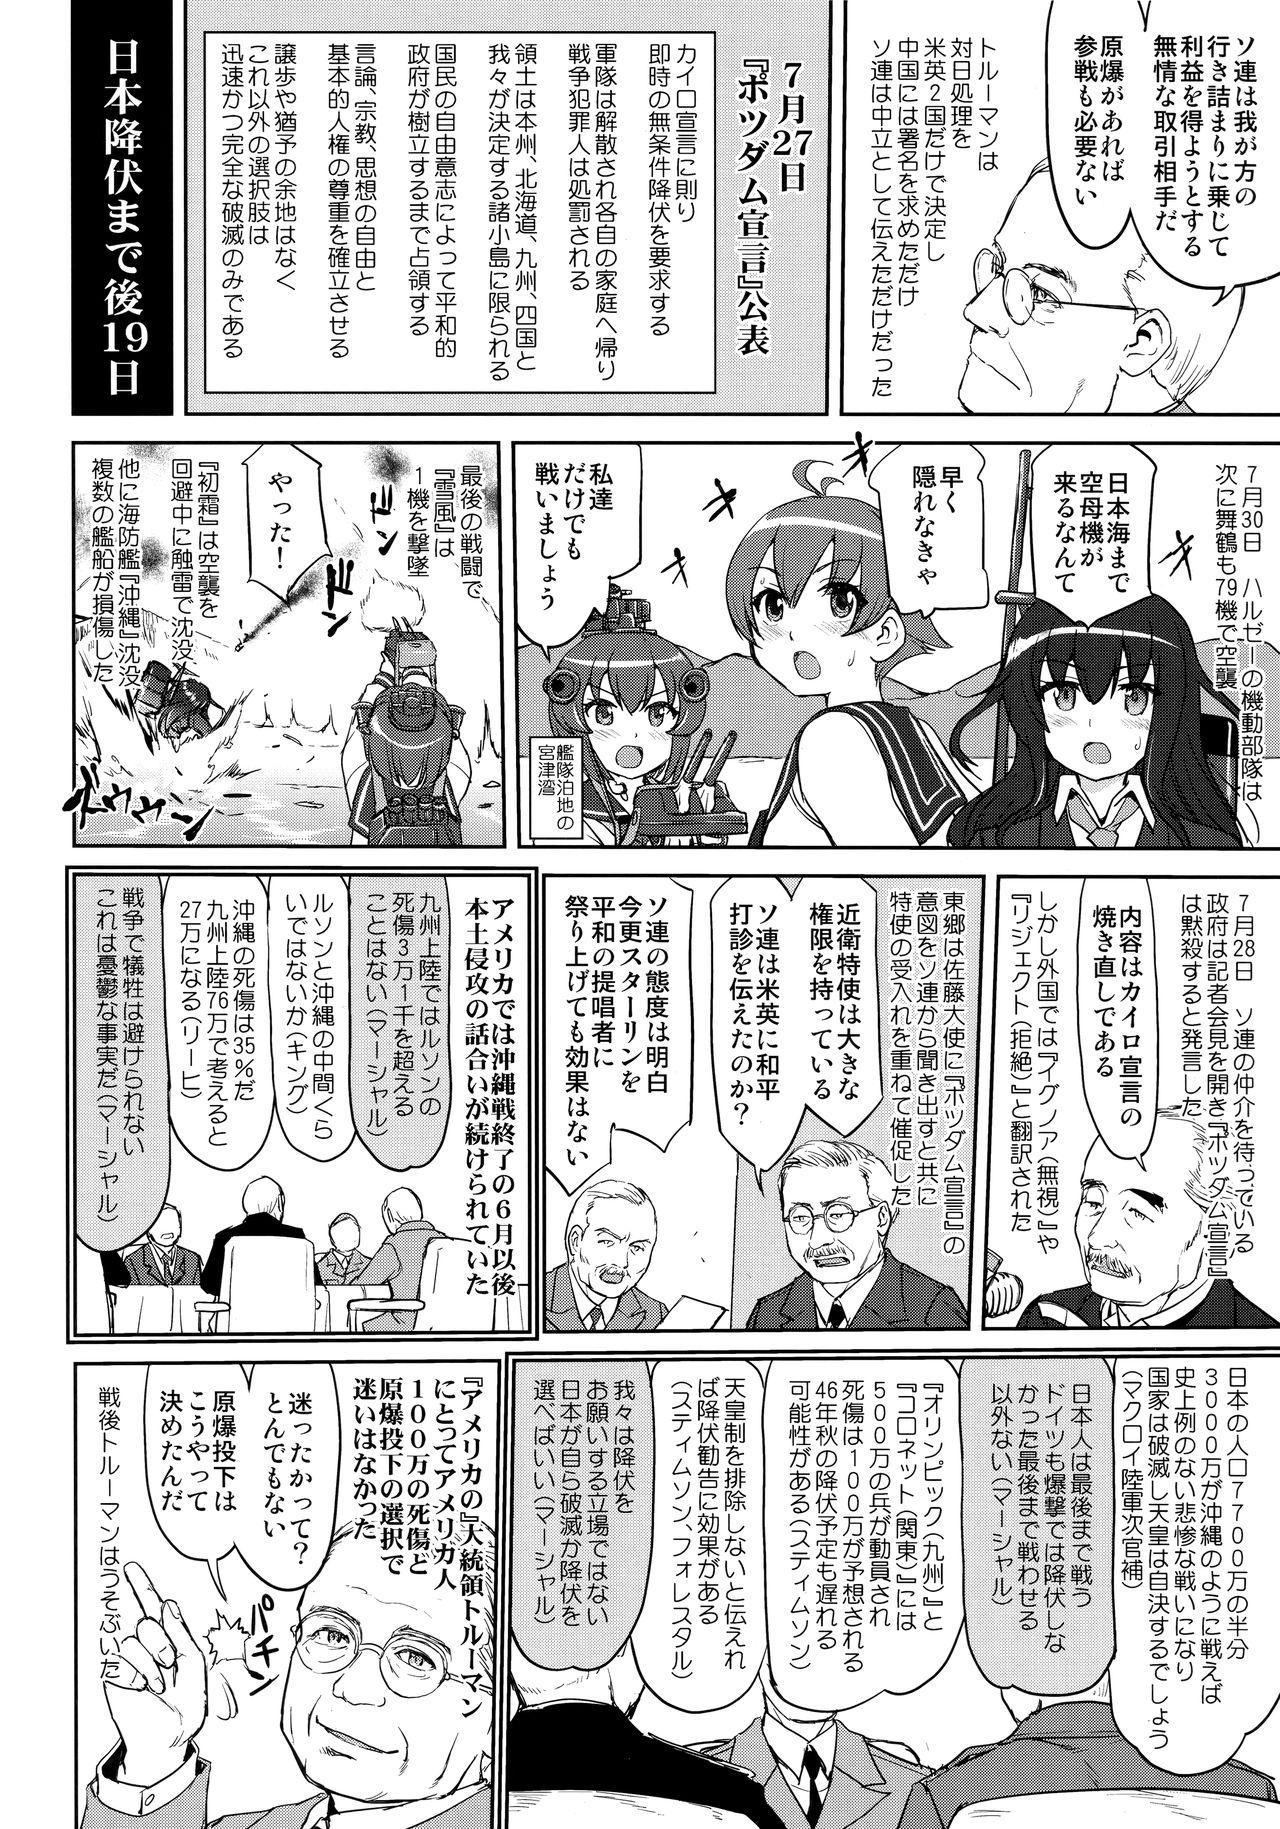 Teitoku no Ketsudan Kanmusu no Ichiban Nagai Hi 44